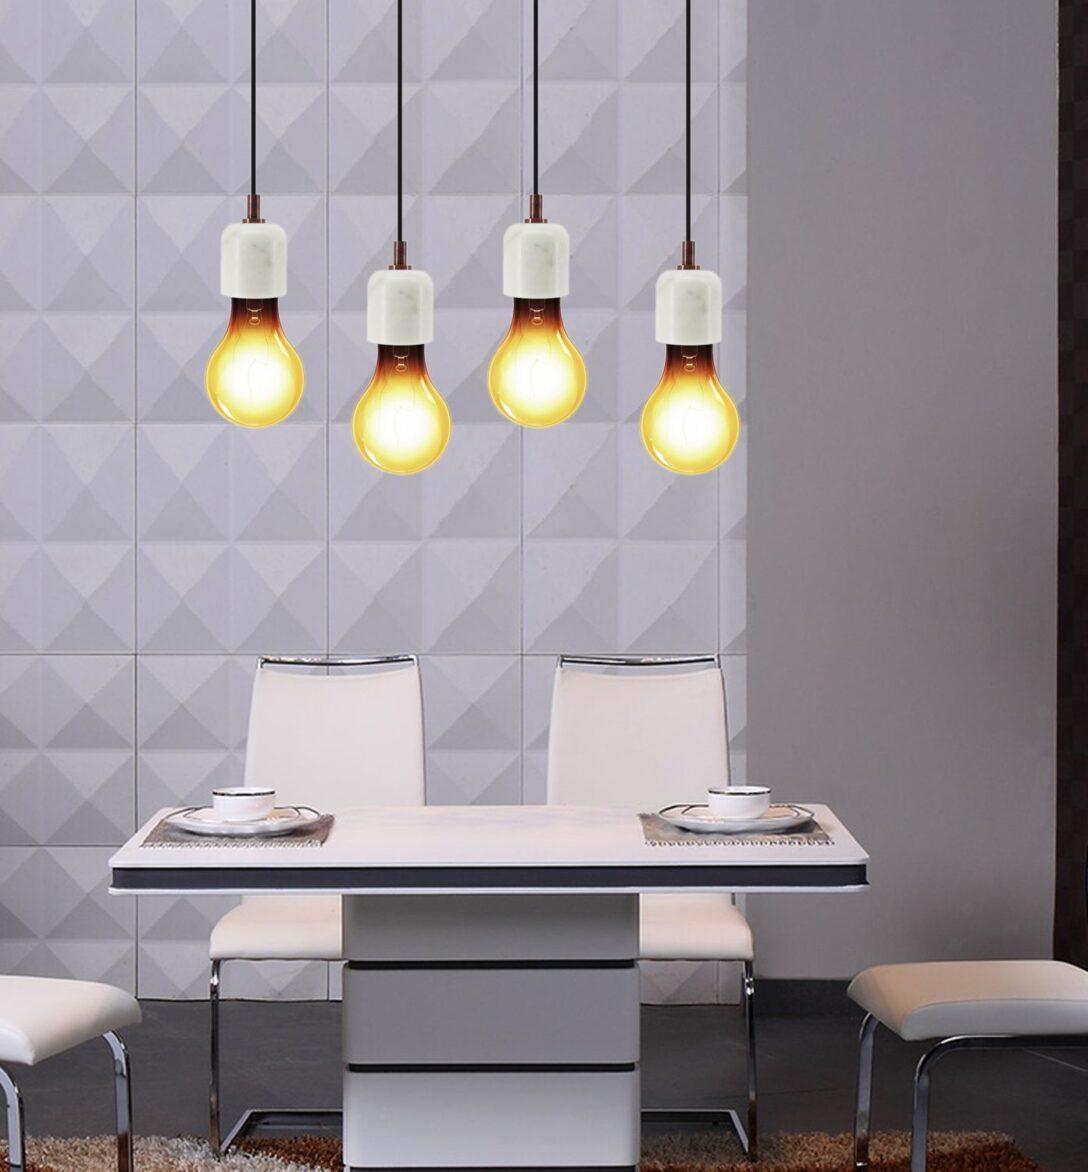 Large Size of Deckenlampe Modern 5ca6a3c07d704 Deckenlampen Für Wohnzimmer Schlafzimmer Bett Design Moderne Duschen Bilder Fürs Deckenleuchte Bad Esstisch Esstische Küche Wohnzimmer Deckenlampe Modern